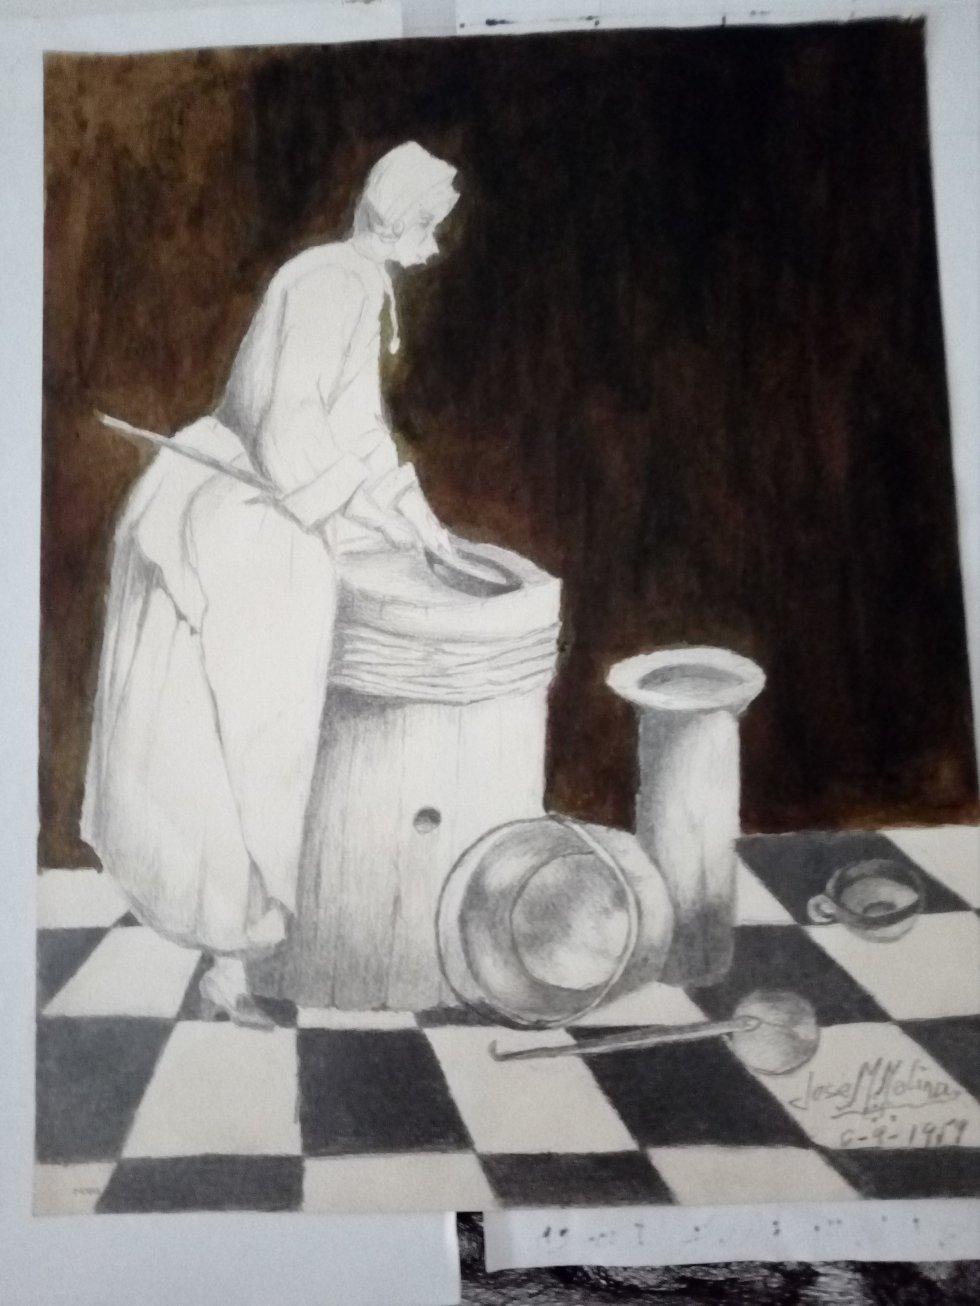 La mujer limpiando (1959) - José Manuel Molina Fuentes